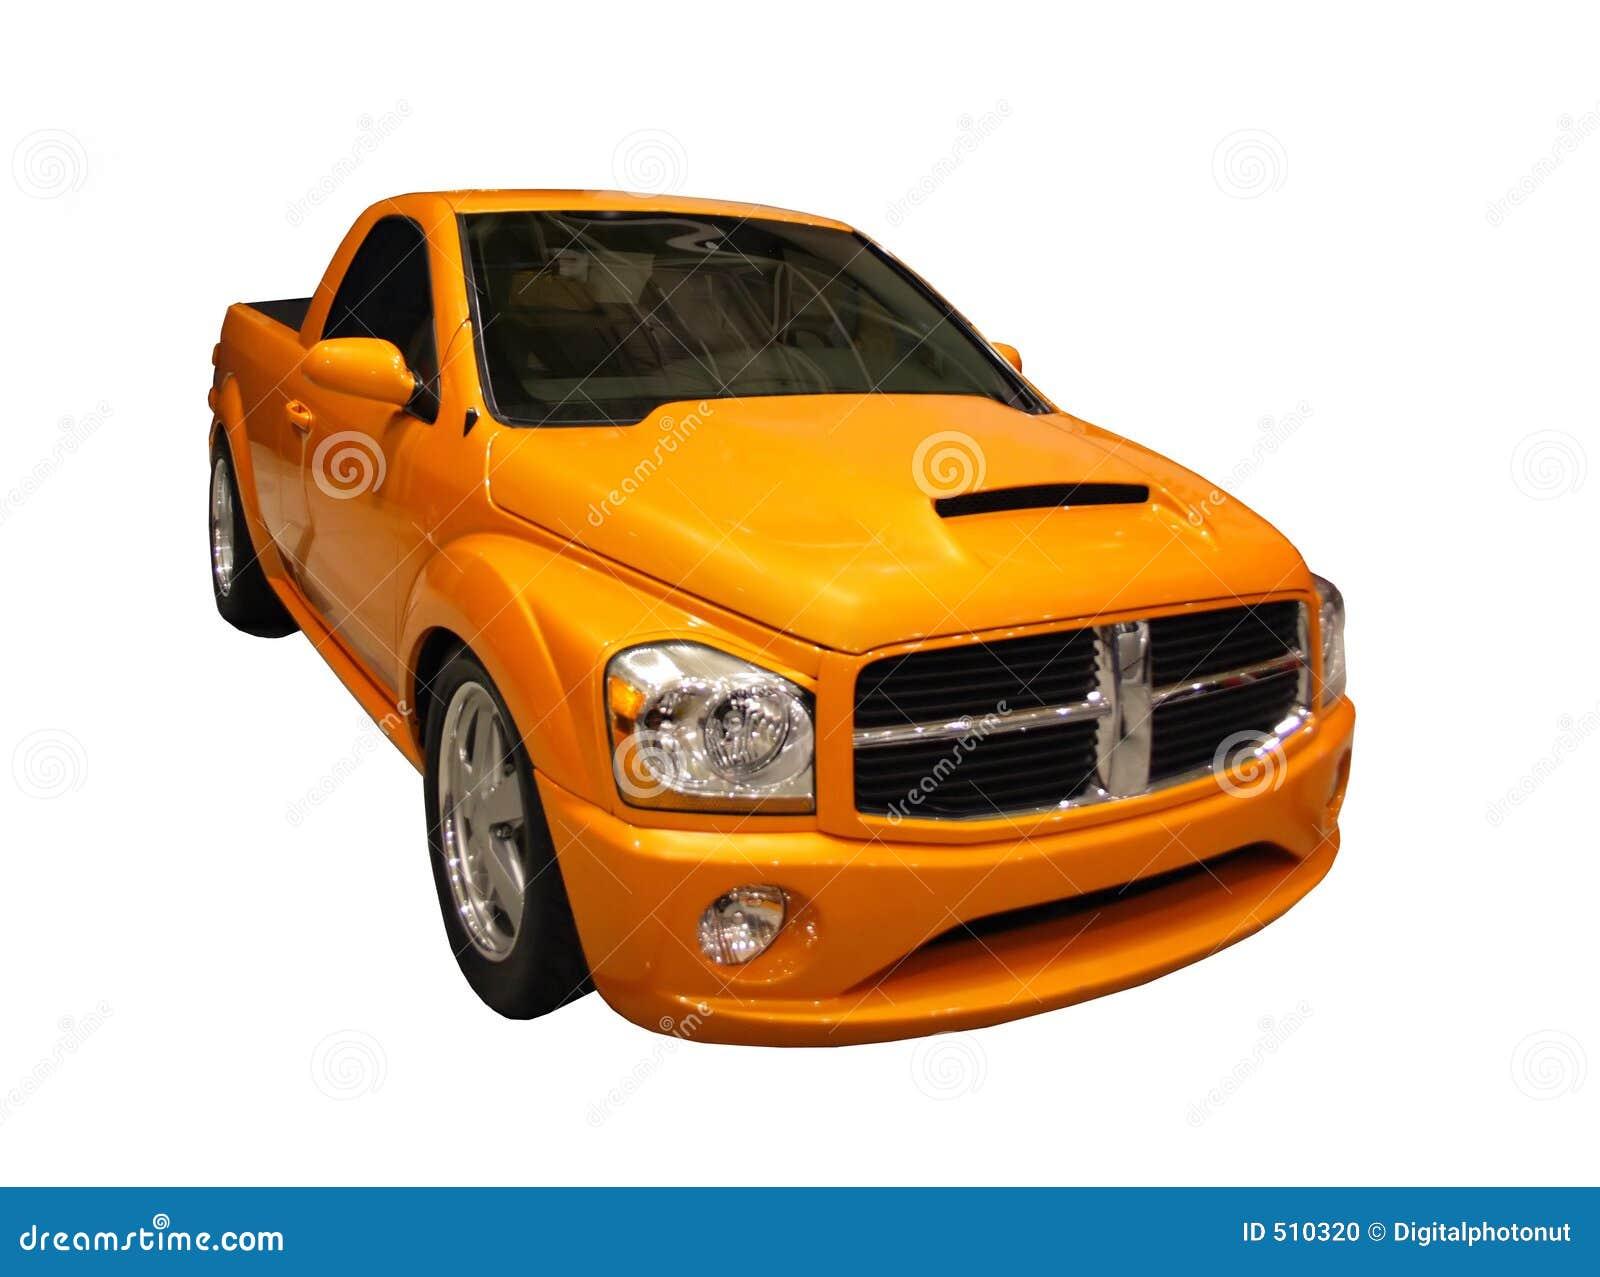 Recolección amarilla deportiva de la RAM del regate aislada sobre blanco